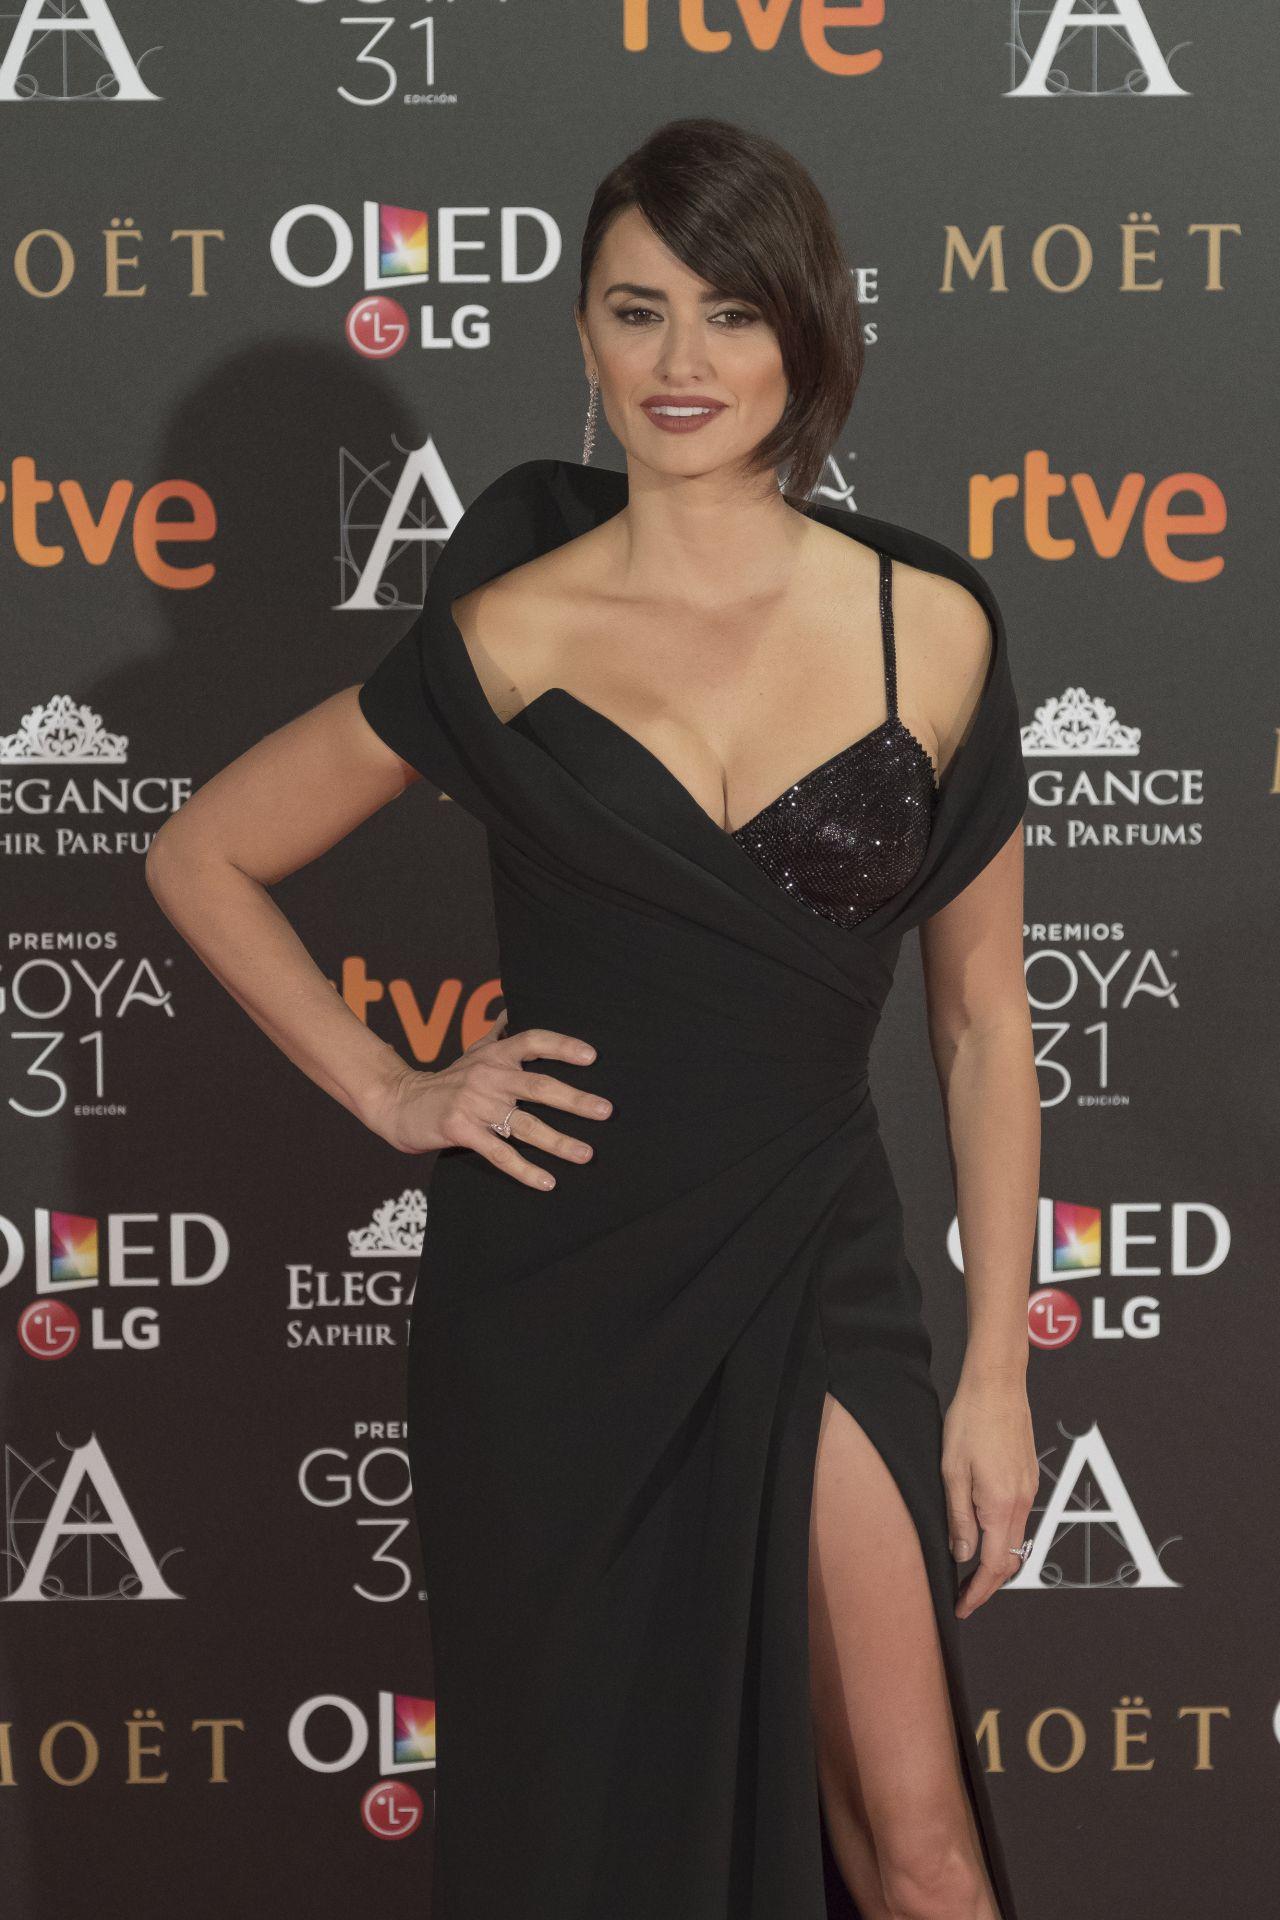 Penelope Cruz Goya Cinema Awards In Madrid 2 4 2017